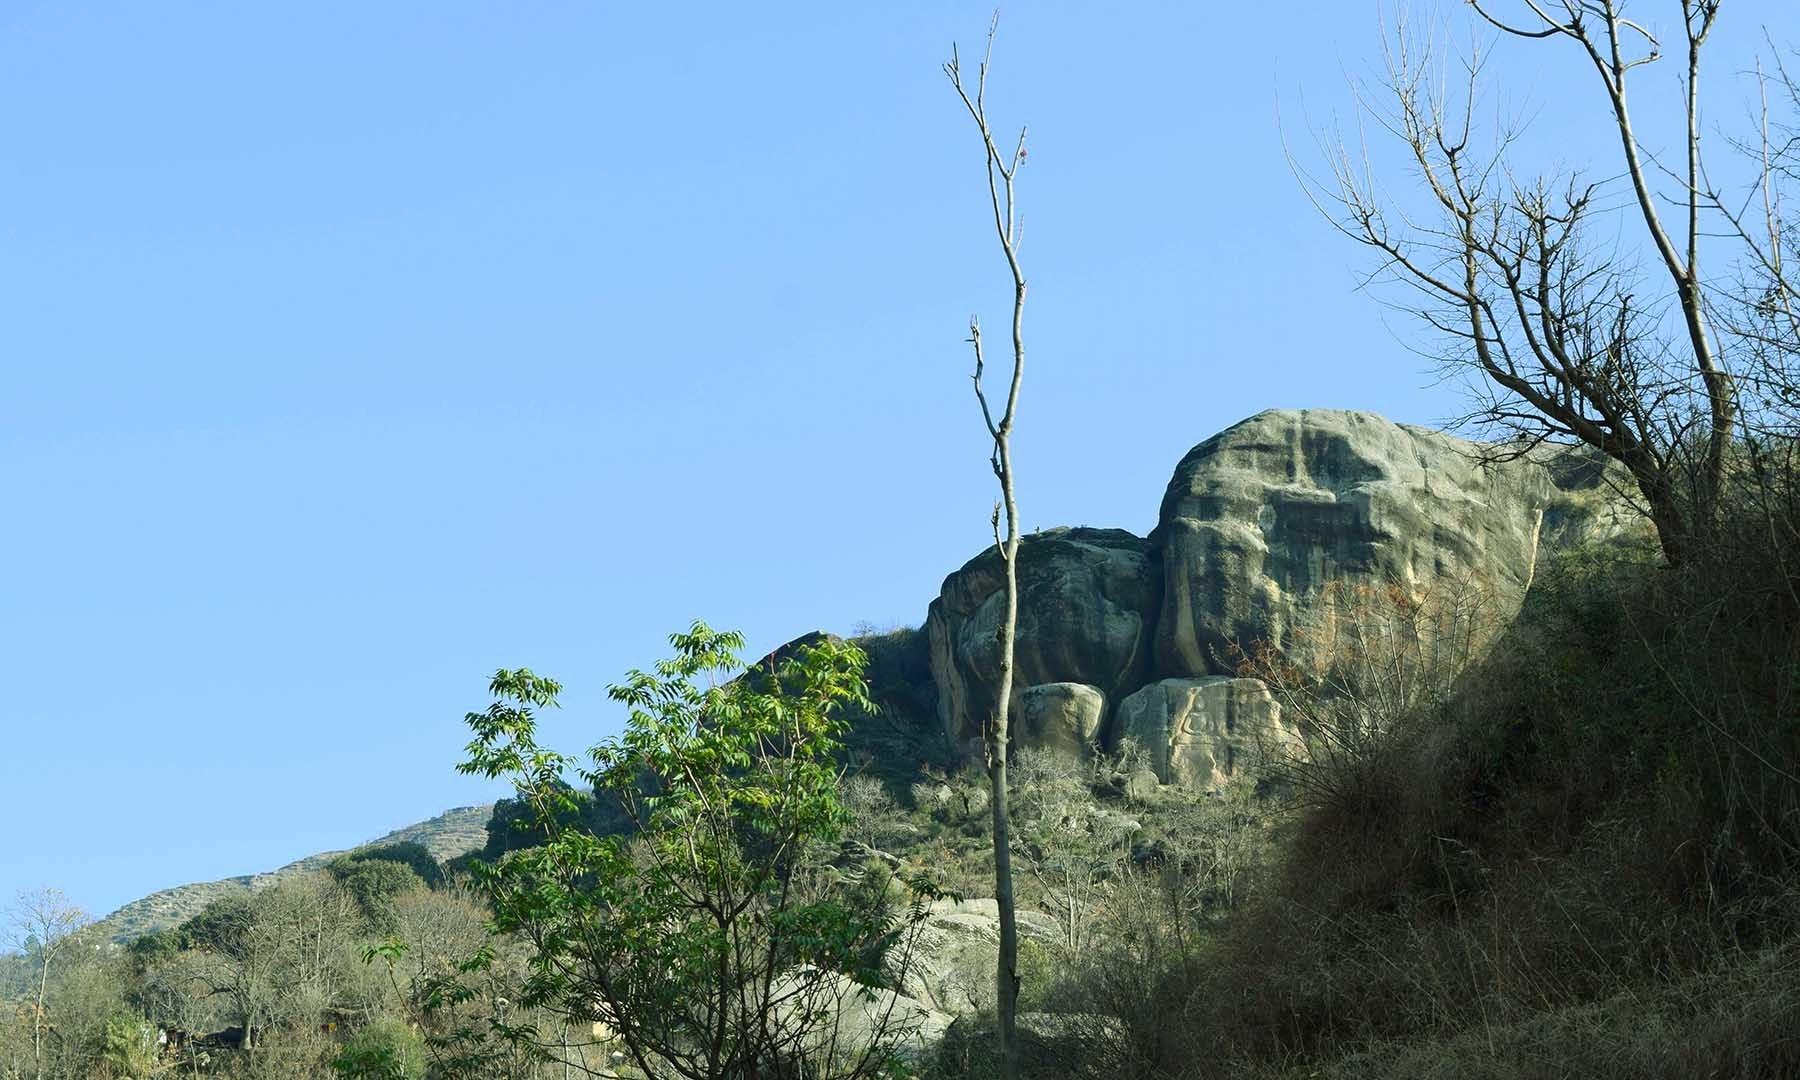 پہاڑی پر موجود بڑے پتھروں پر بدھا کا مجسمہ دکھائی دے رہا ہے—تصویر امجد علی سحاب